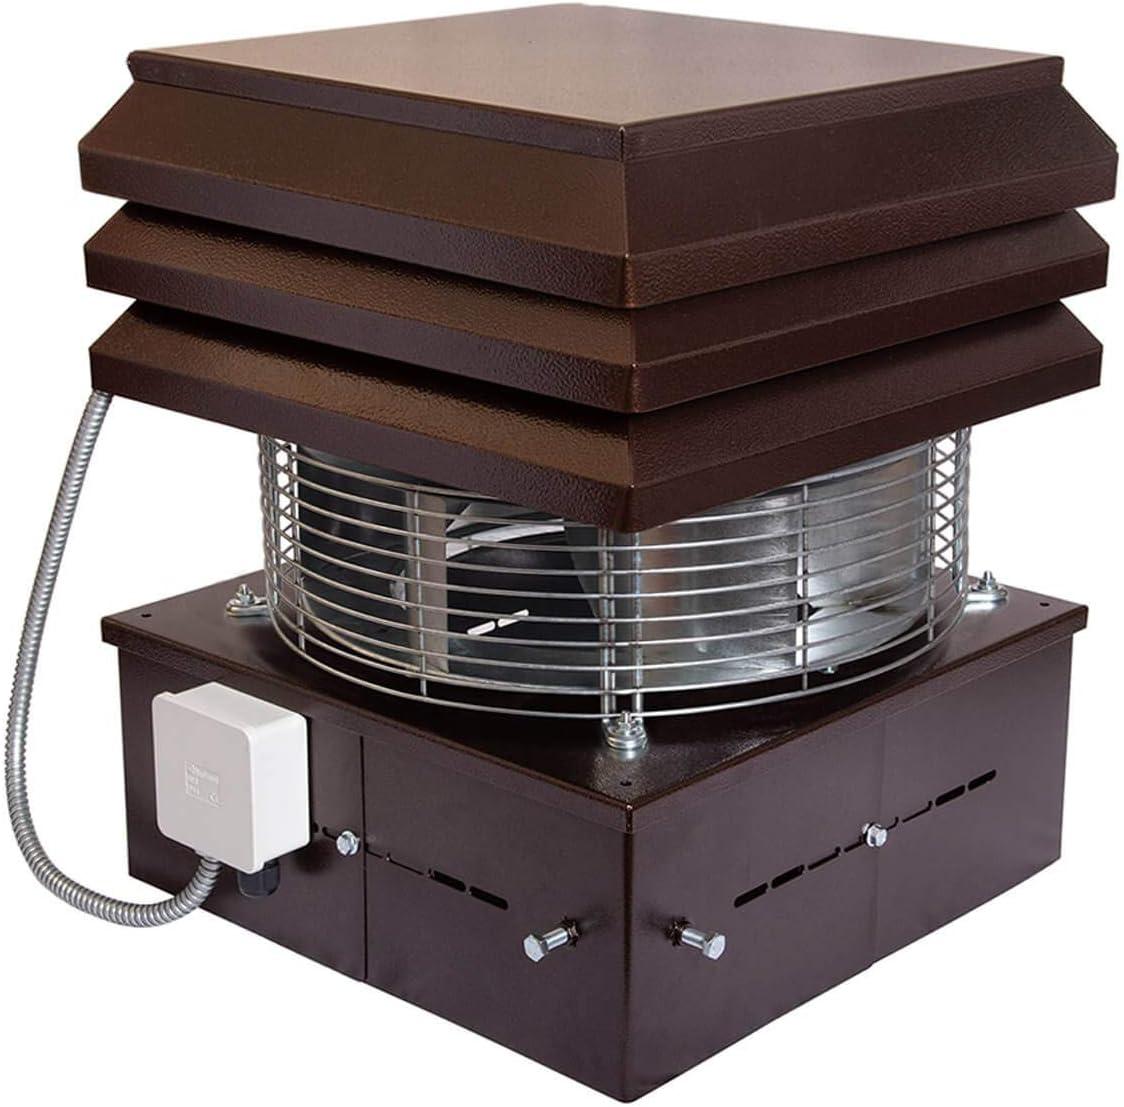 Extractor de humo Extractores de humo para chimeneas para barbacoa Aspirador de humos para chimenea extractor de chimenea modelo profesional Gemi Elettronica